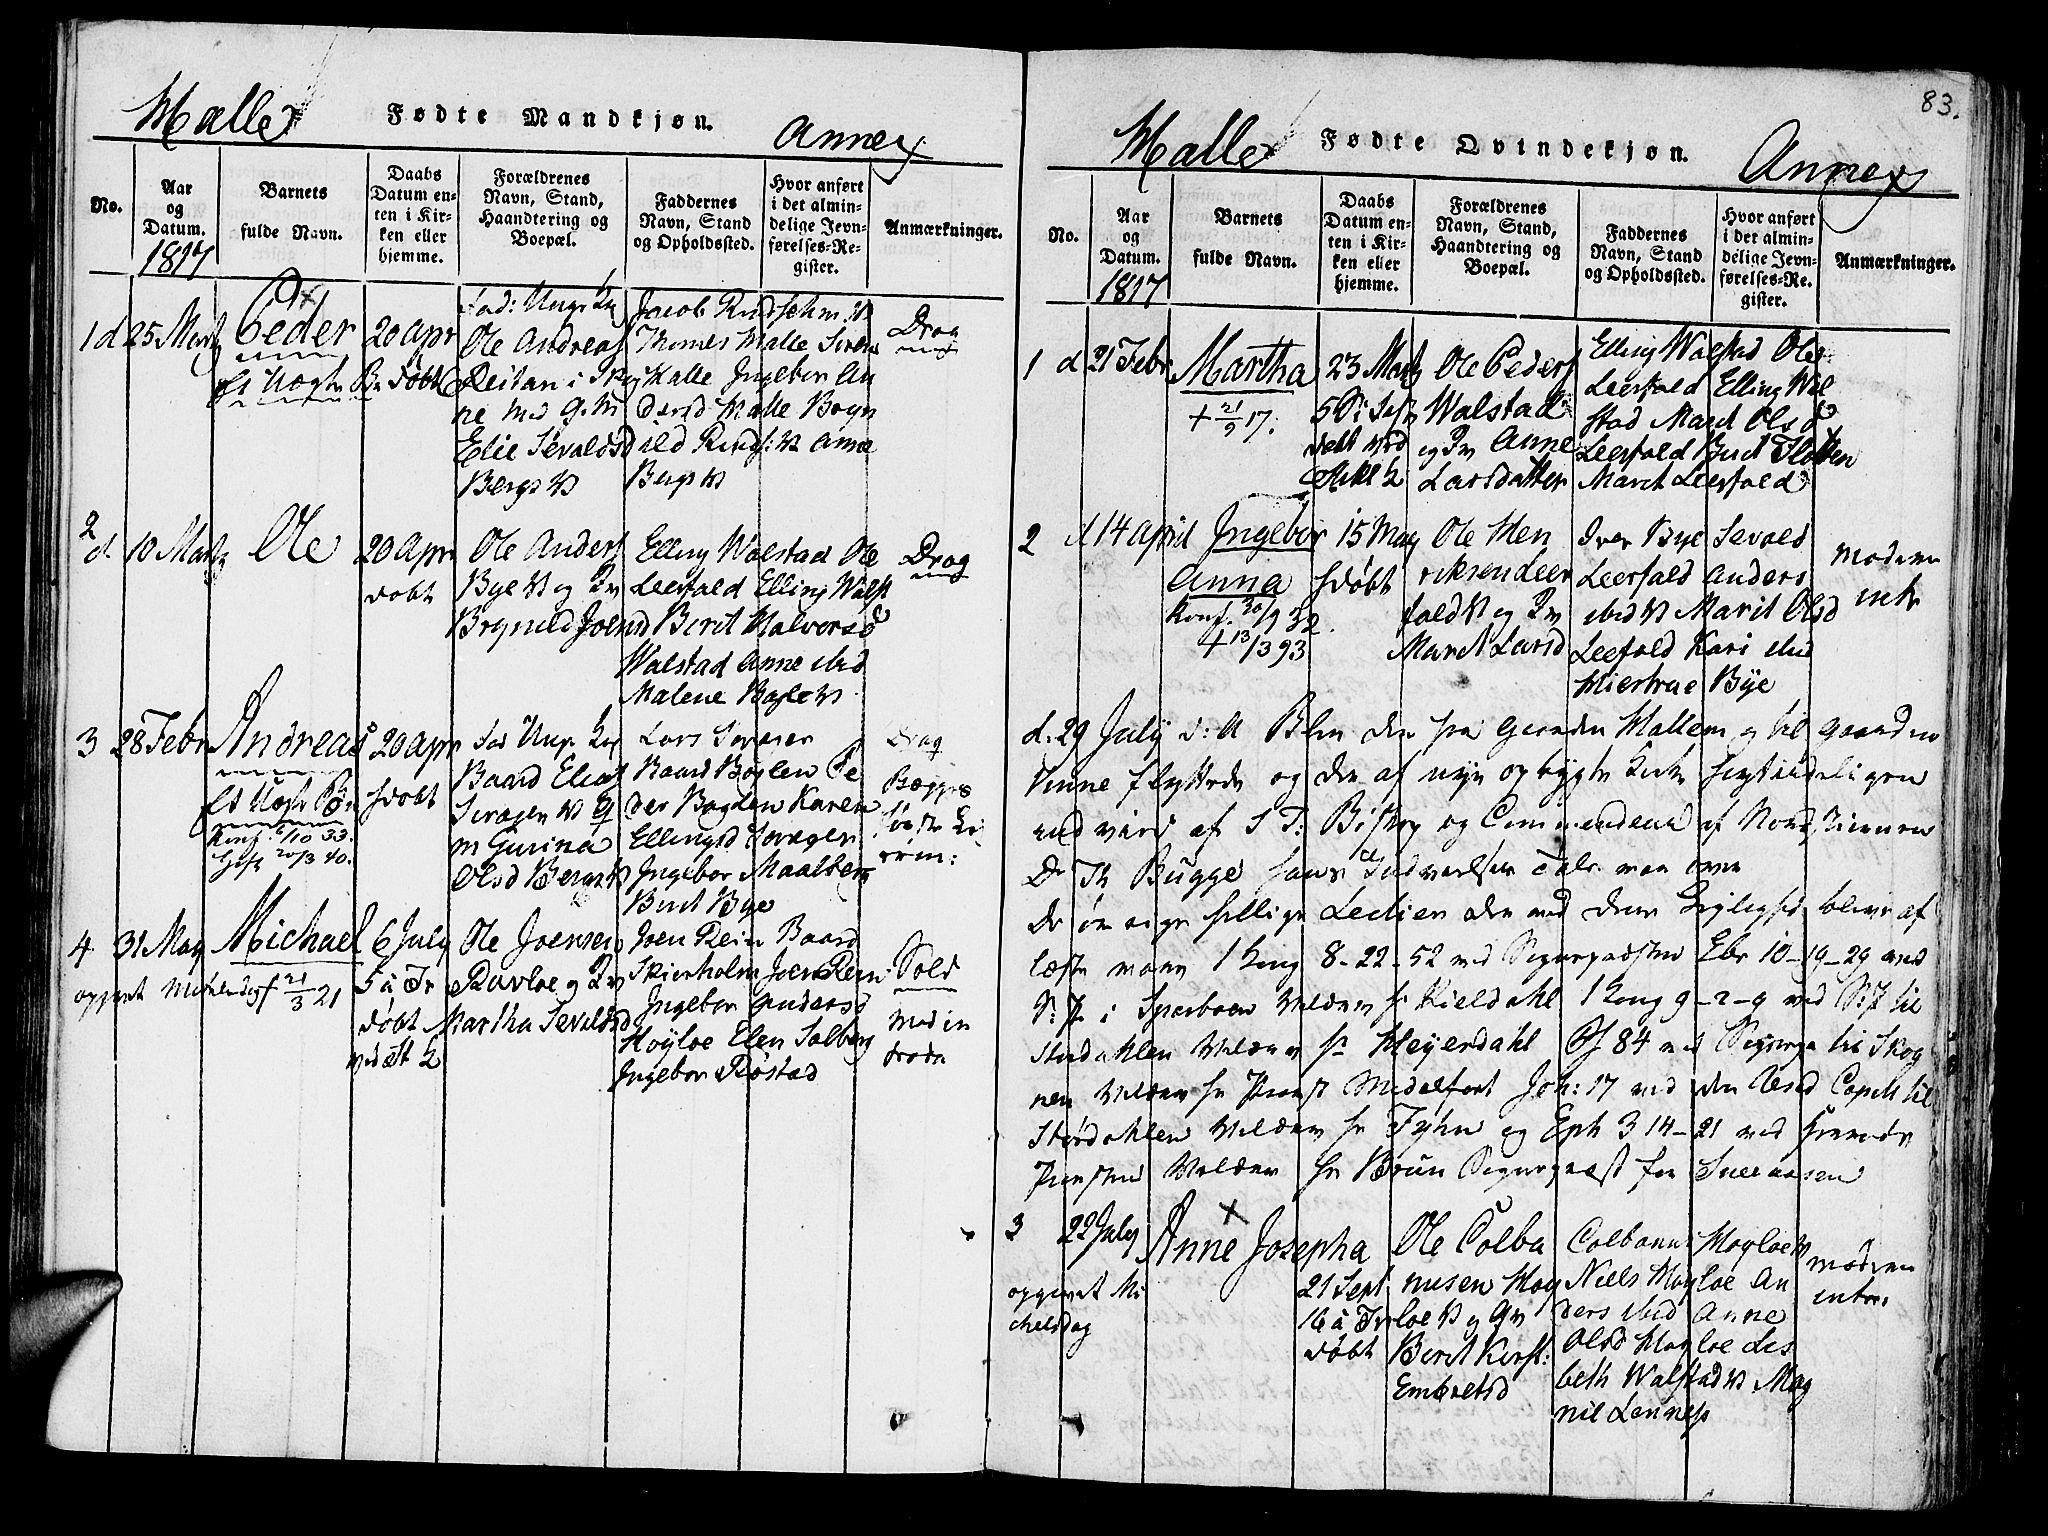 SAT, Ministerialprotokoller, klokkerbøker og fødselsregistre - Nord-Trøndelag, 723/L0234: Ministerialbok nr. 723A05 /3, 1817-1821, s. 83